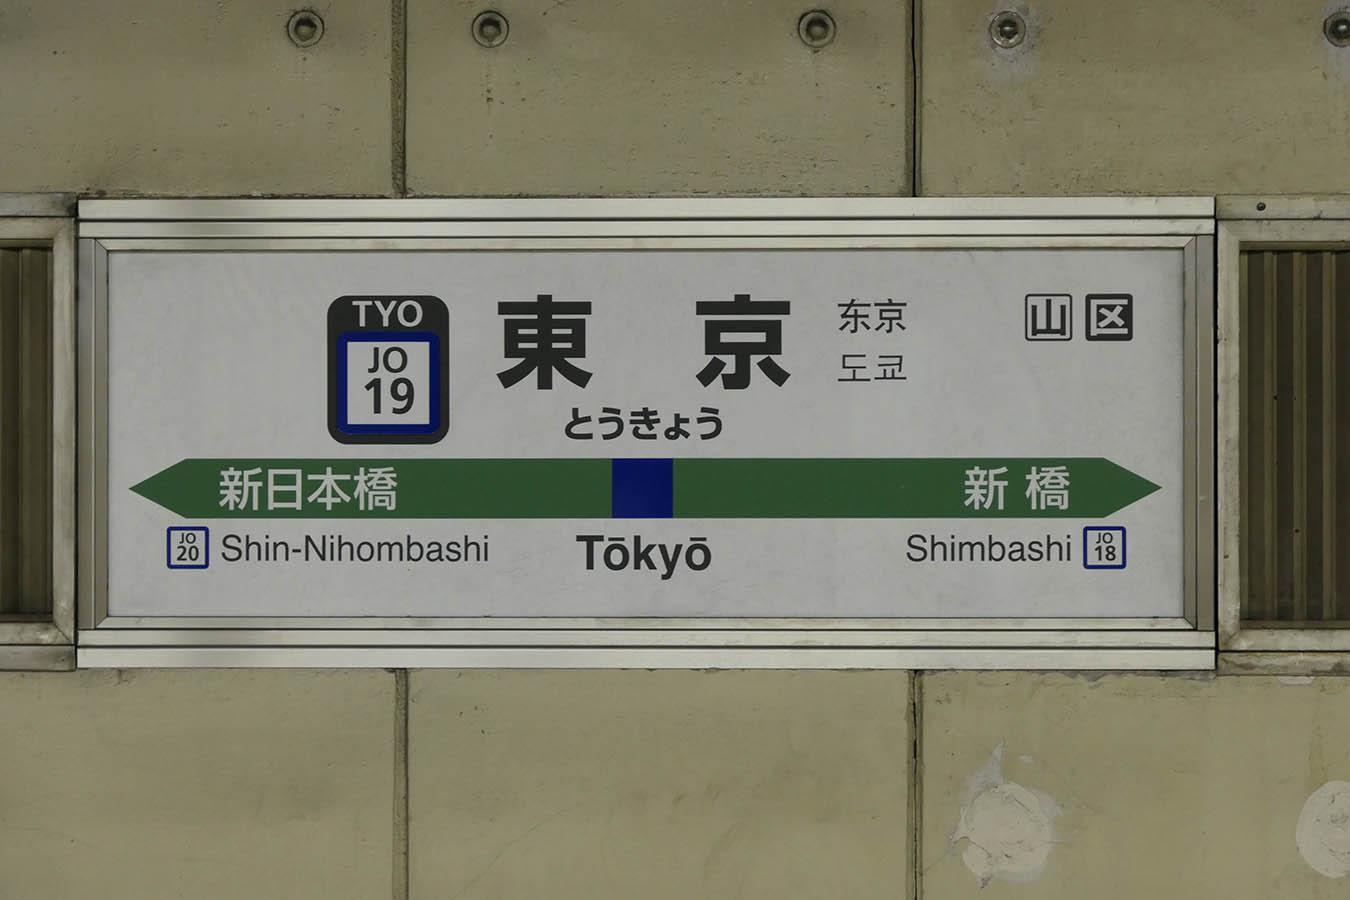 JO19_photo06a.jpg